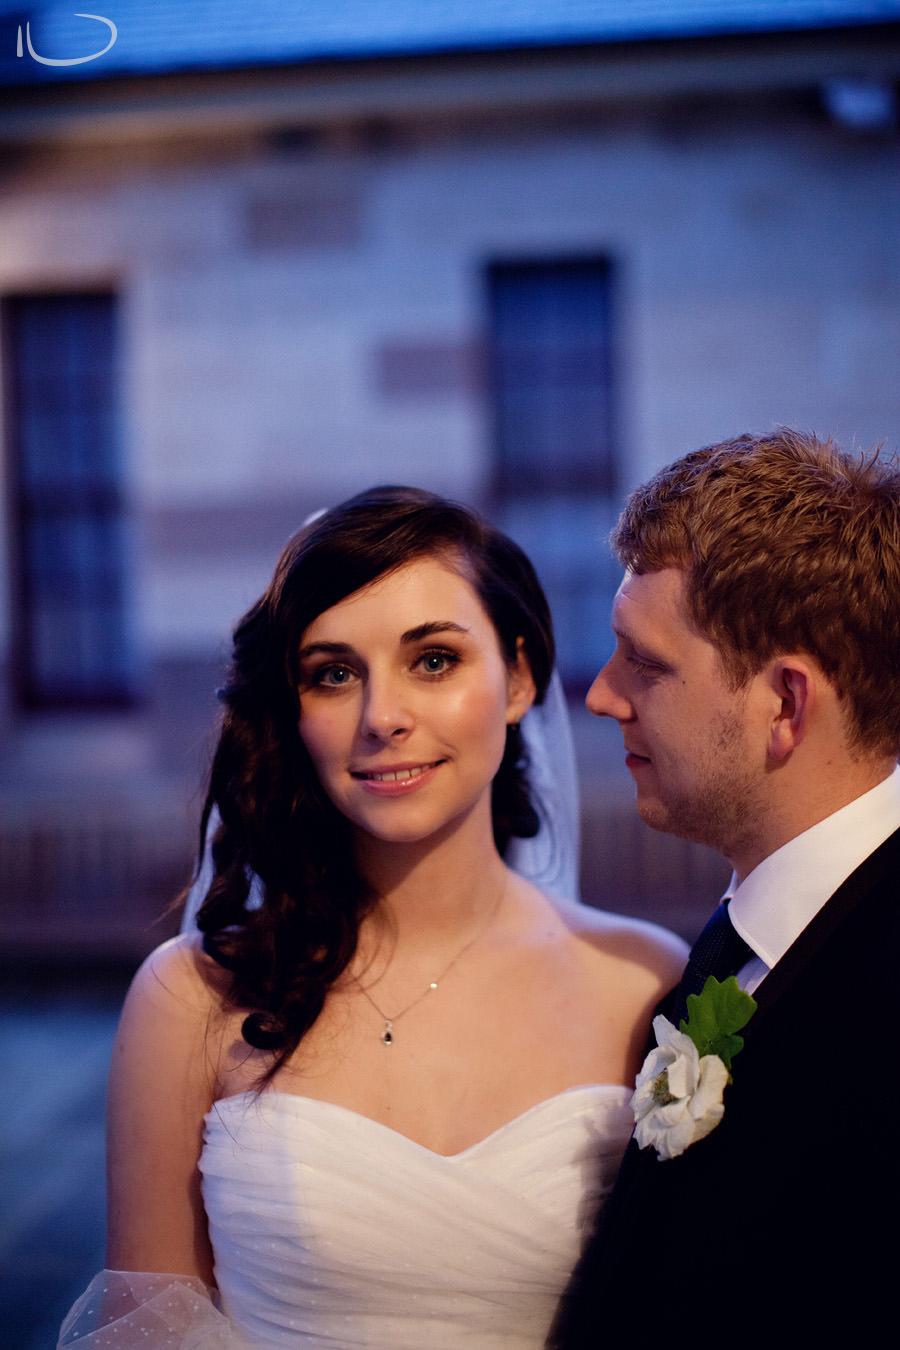 Gunners Barracks Wedding Photographer: Groom looking at bride